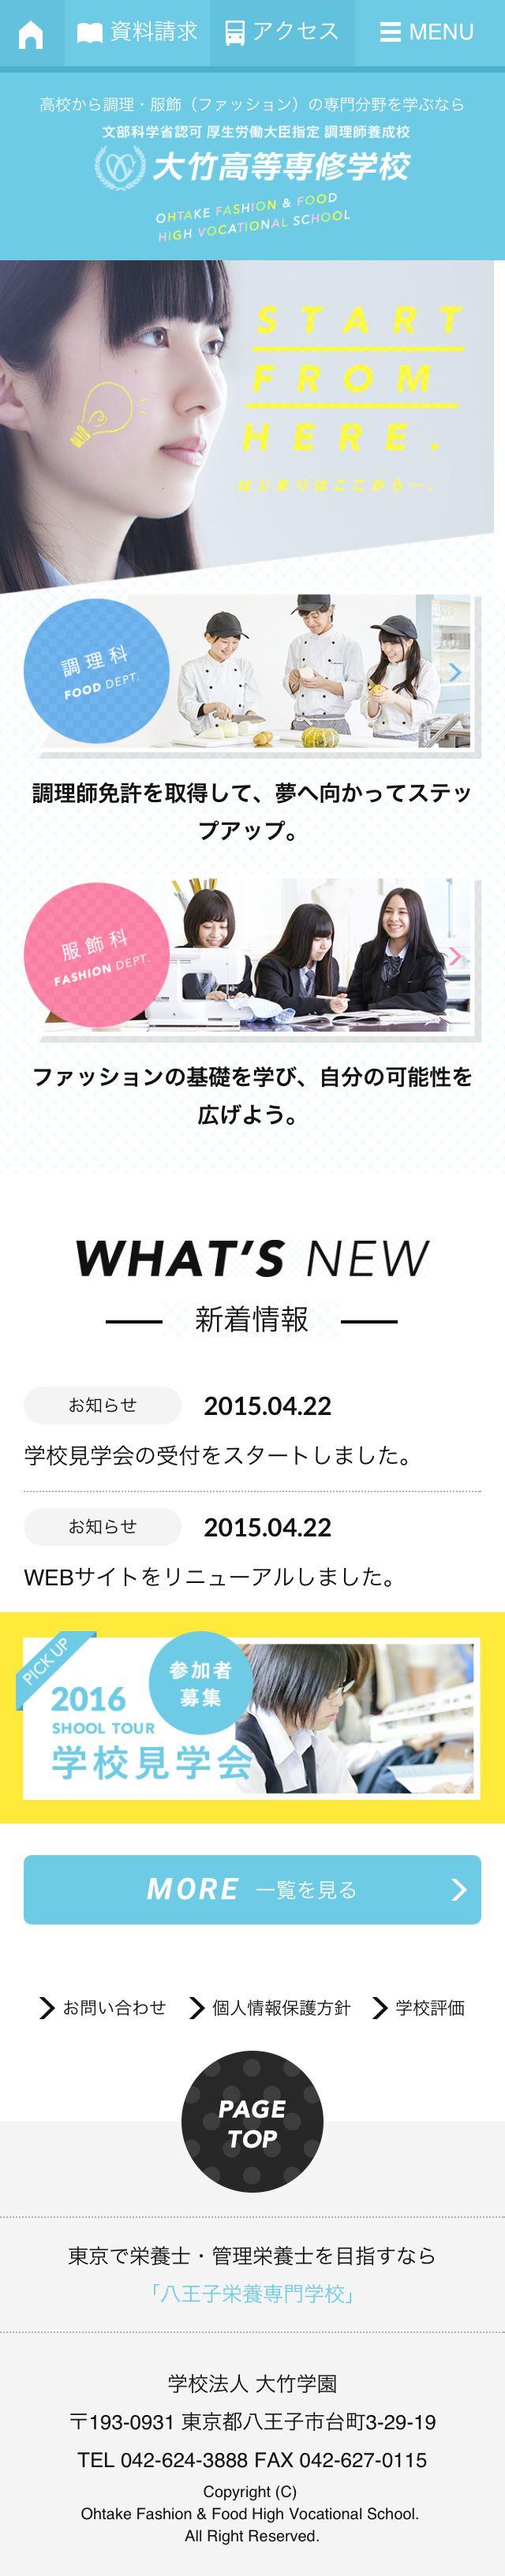 http://www.ohtakegakuen.ac.jp/